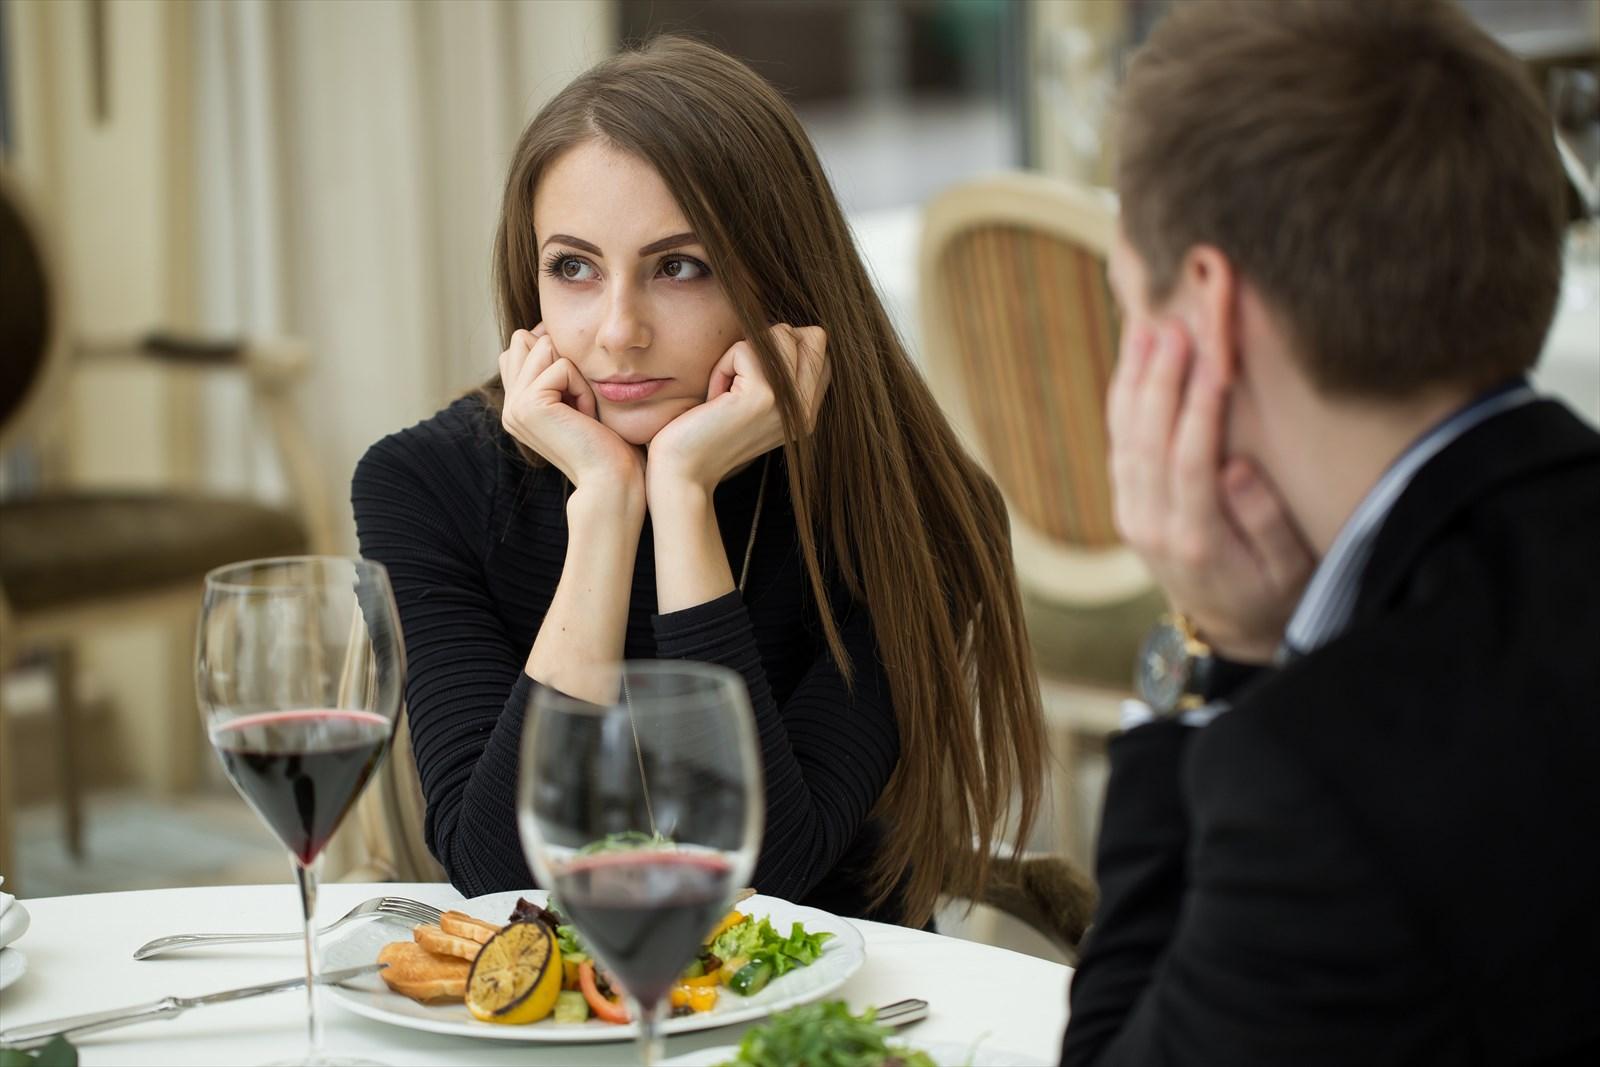 女性にモテない男がする3つの会話術~モテたいなら絶対NG